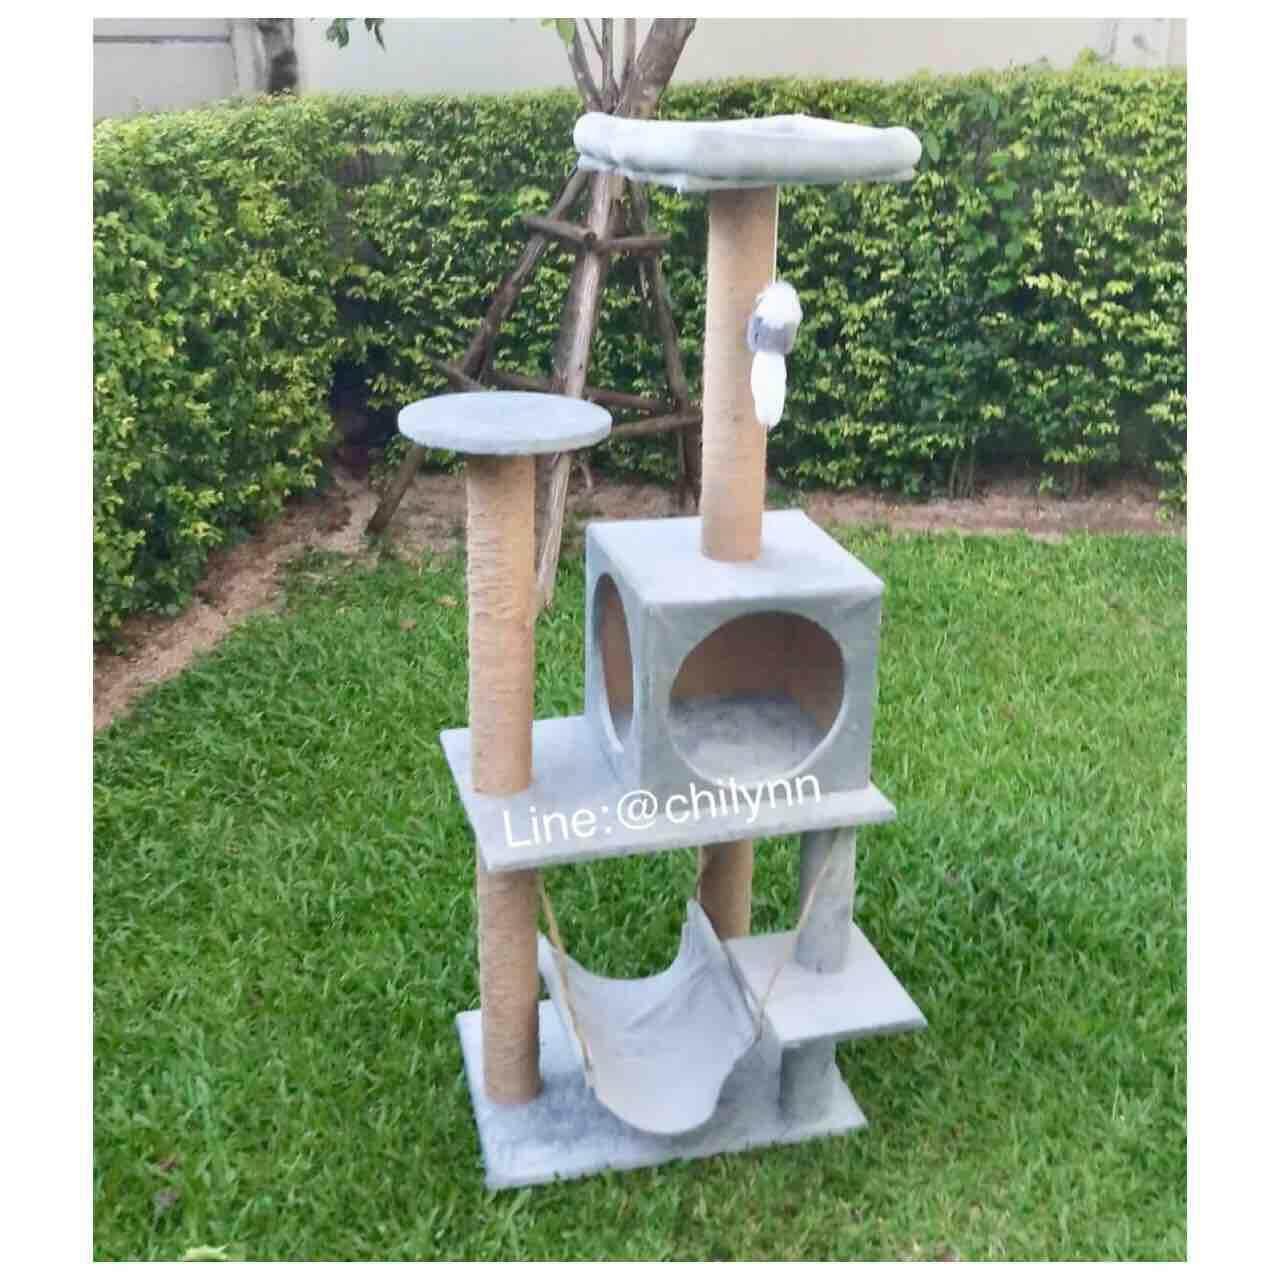 คอนโดแมว สำหรับแมวอ้วน แมวโต สีเบจกดสั่งได้เลย (สีเบจ=สีครีม) สีเทาหมดนะครับ By Chilynnbkk.